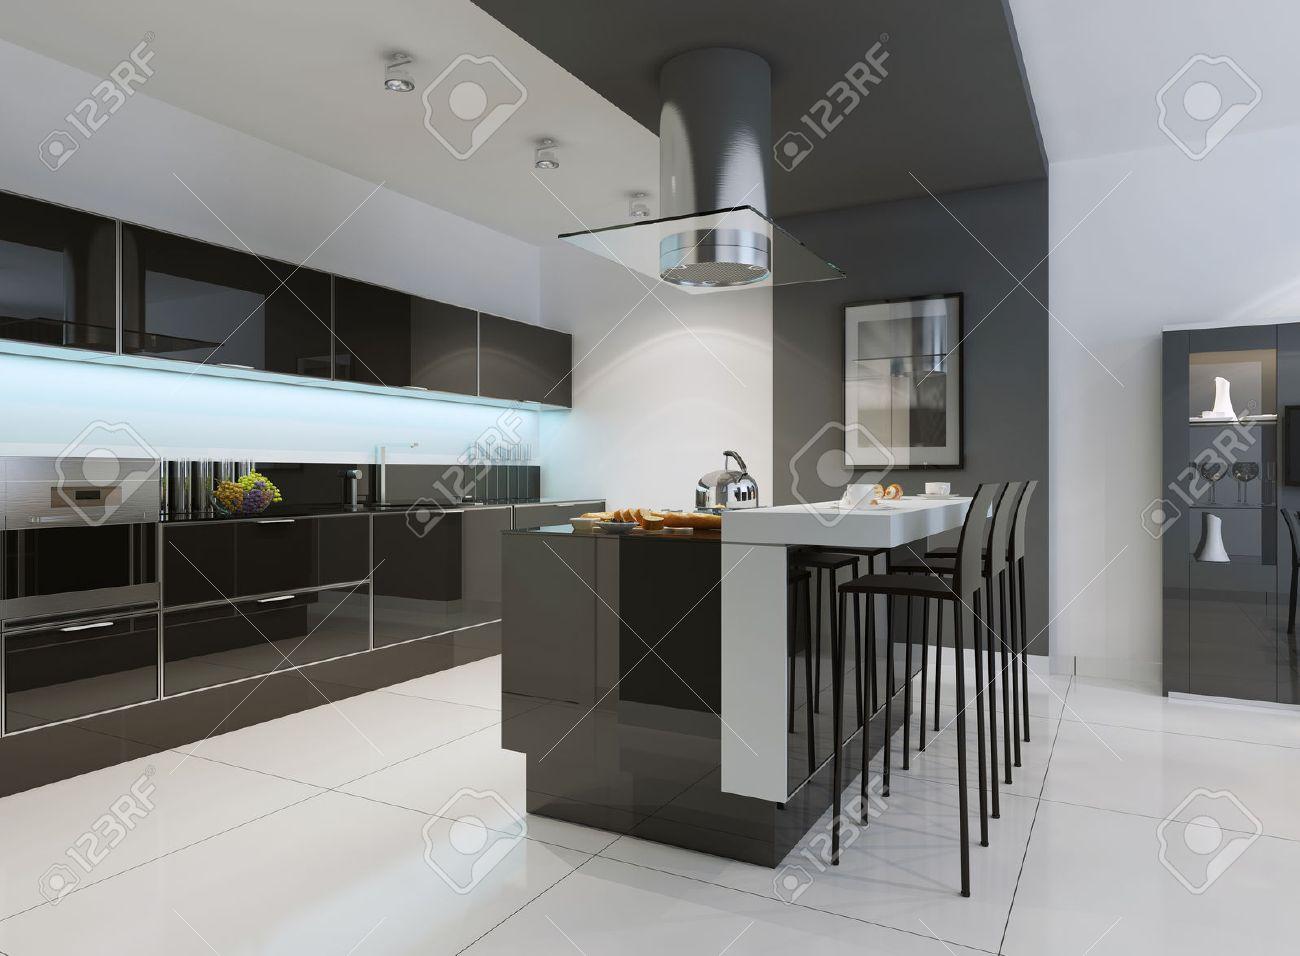 cocina moderna idea de la cocina minimalista cocina moderna con un fregadero bajo cubierta